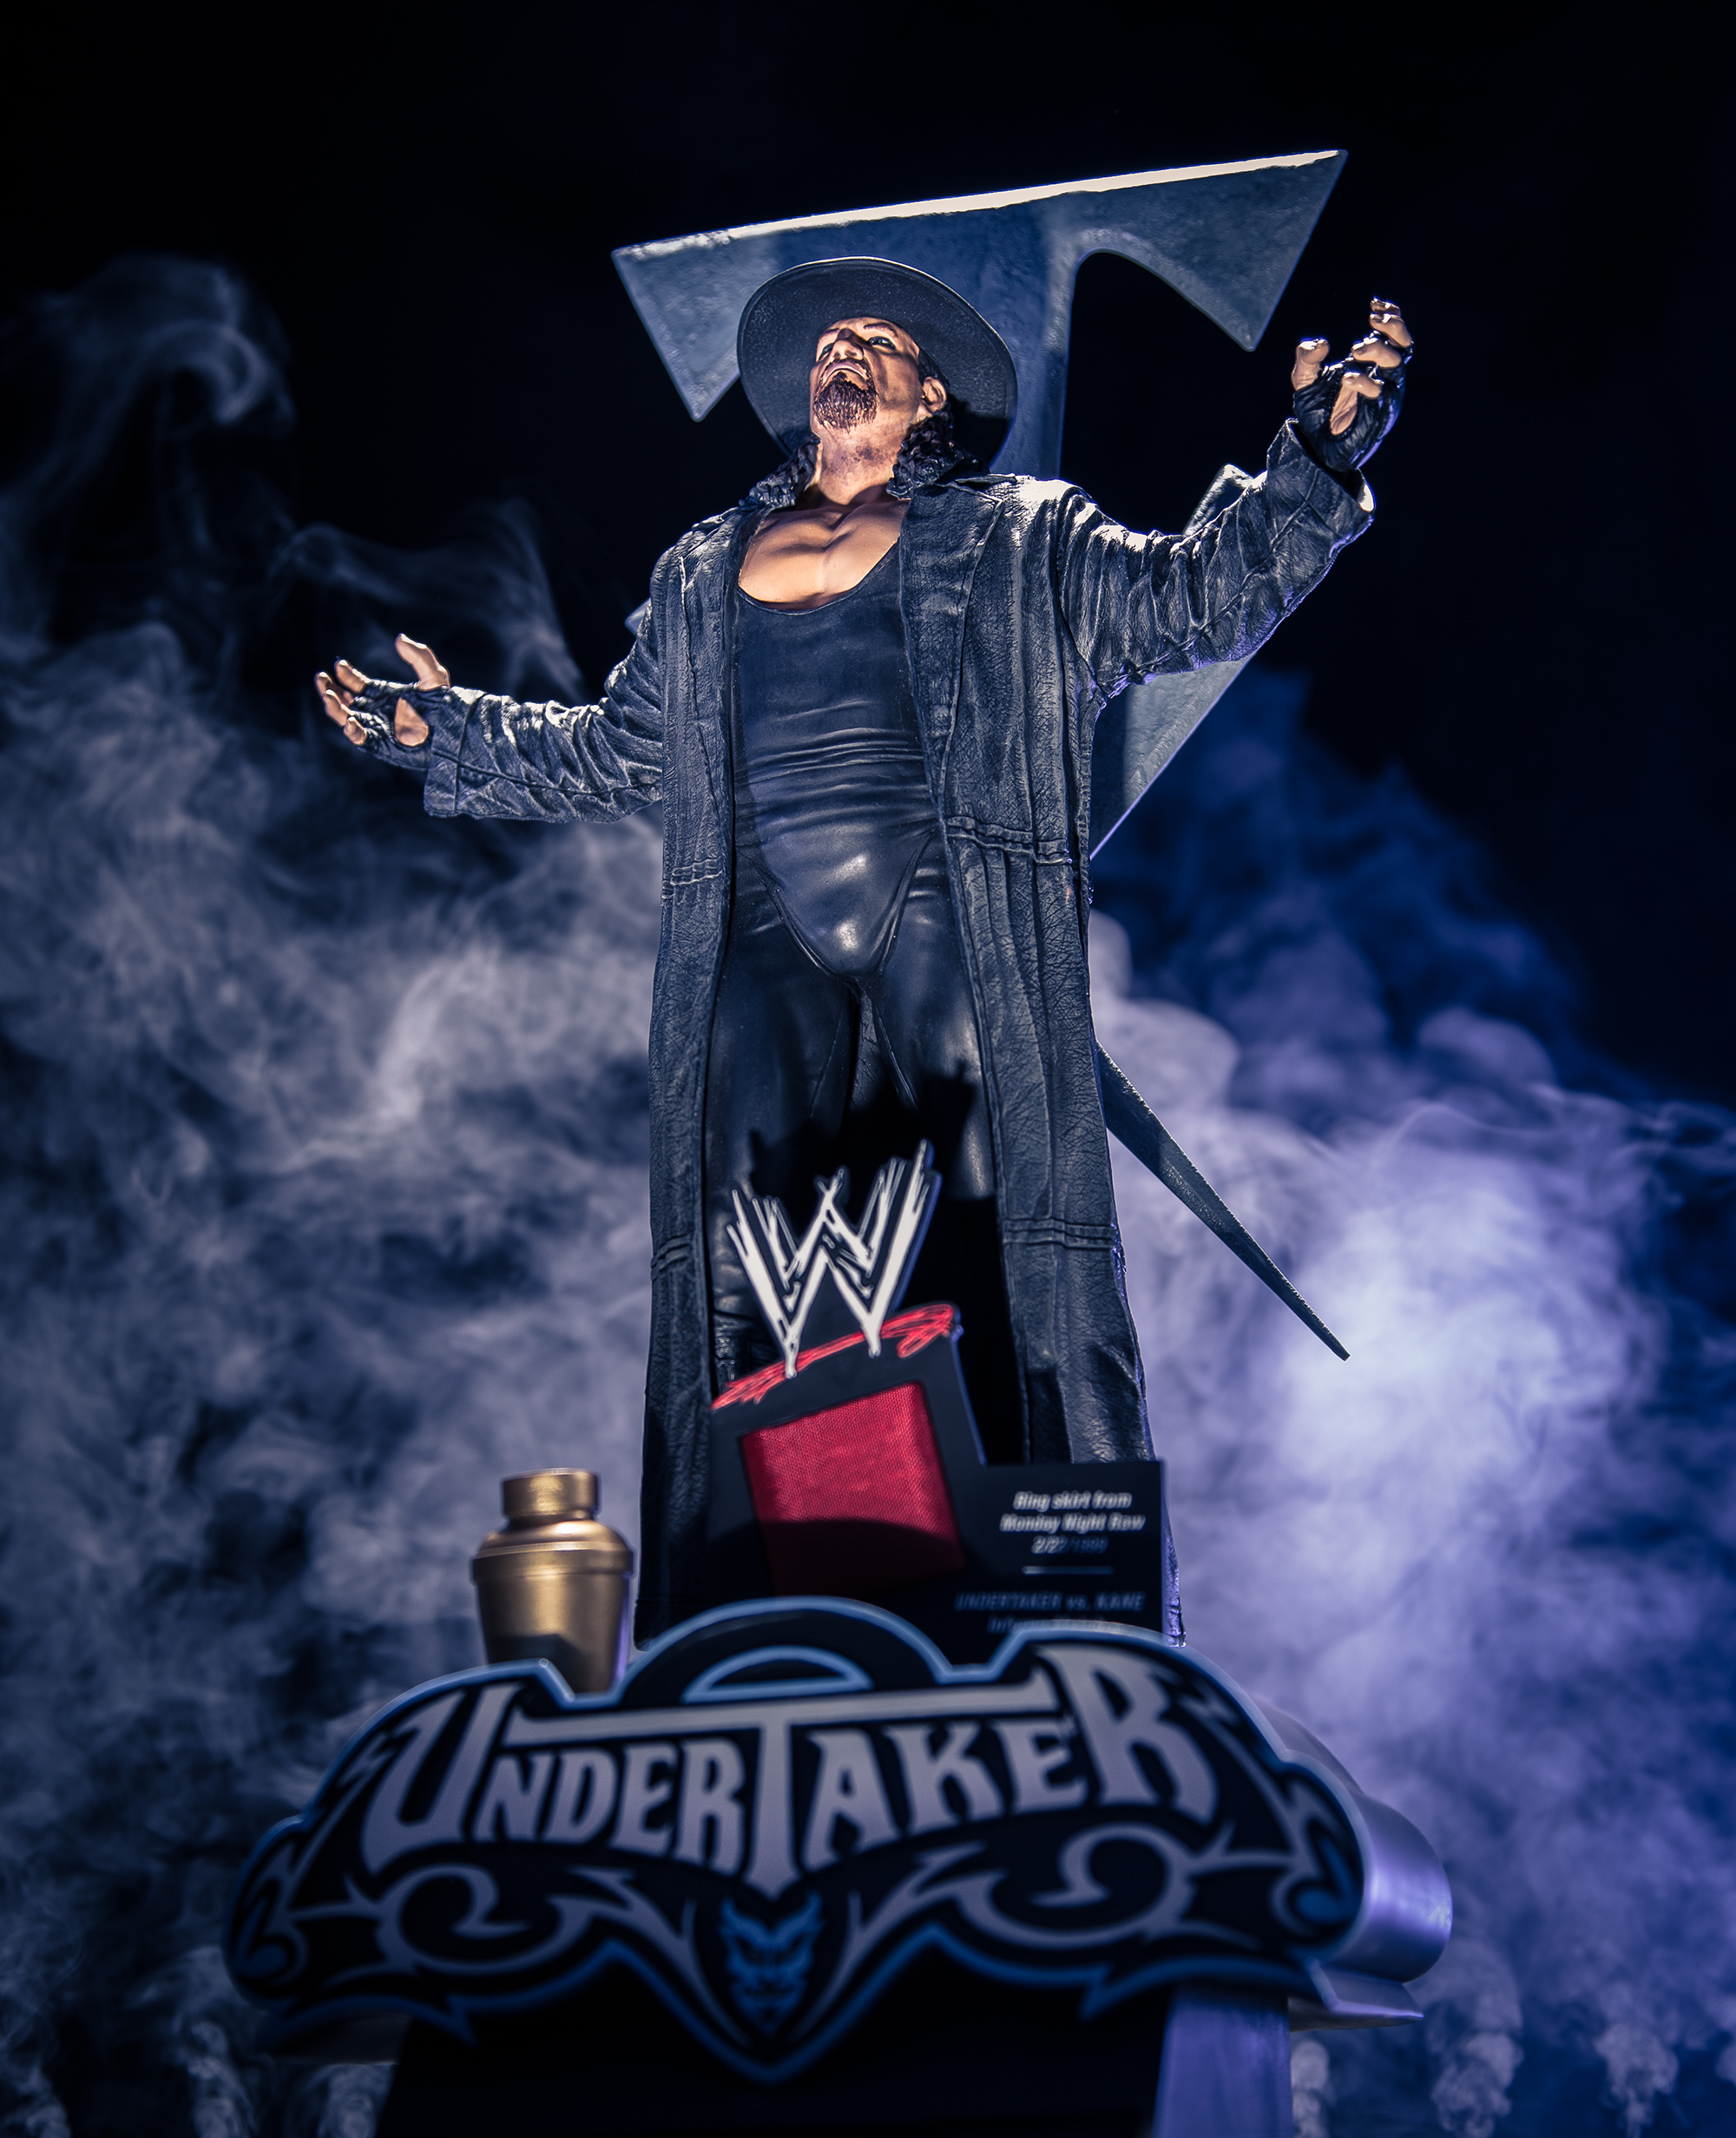 undertaker_stylized_photo_05